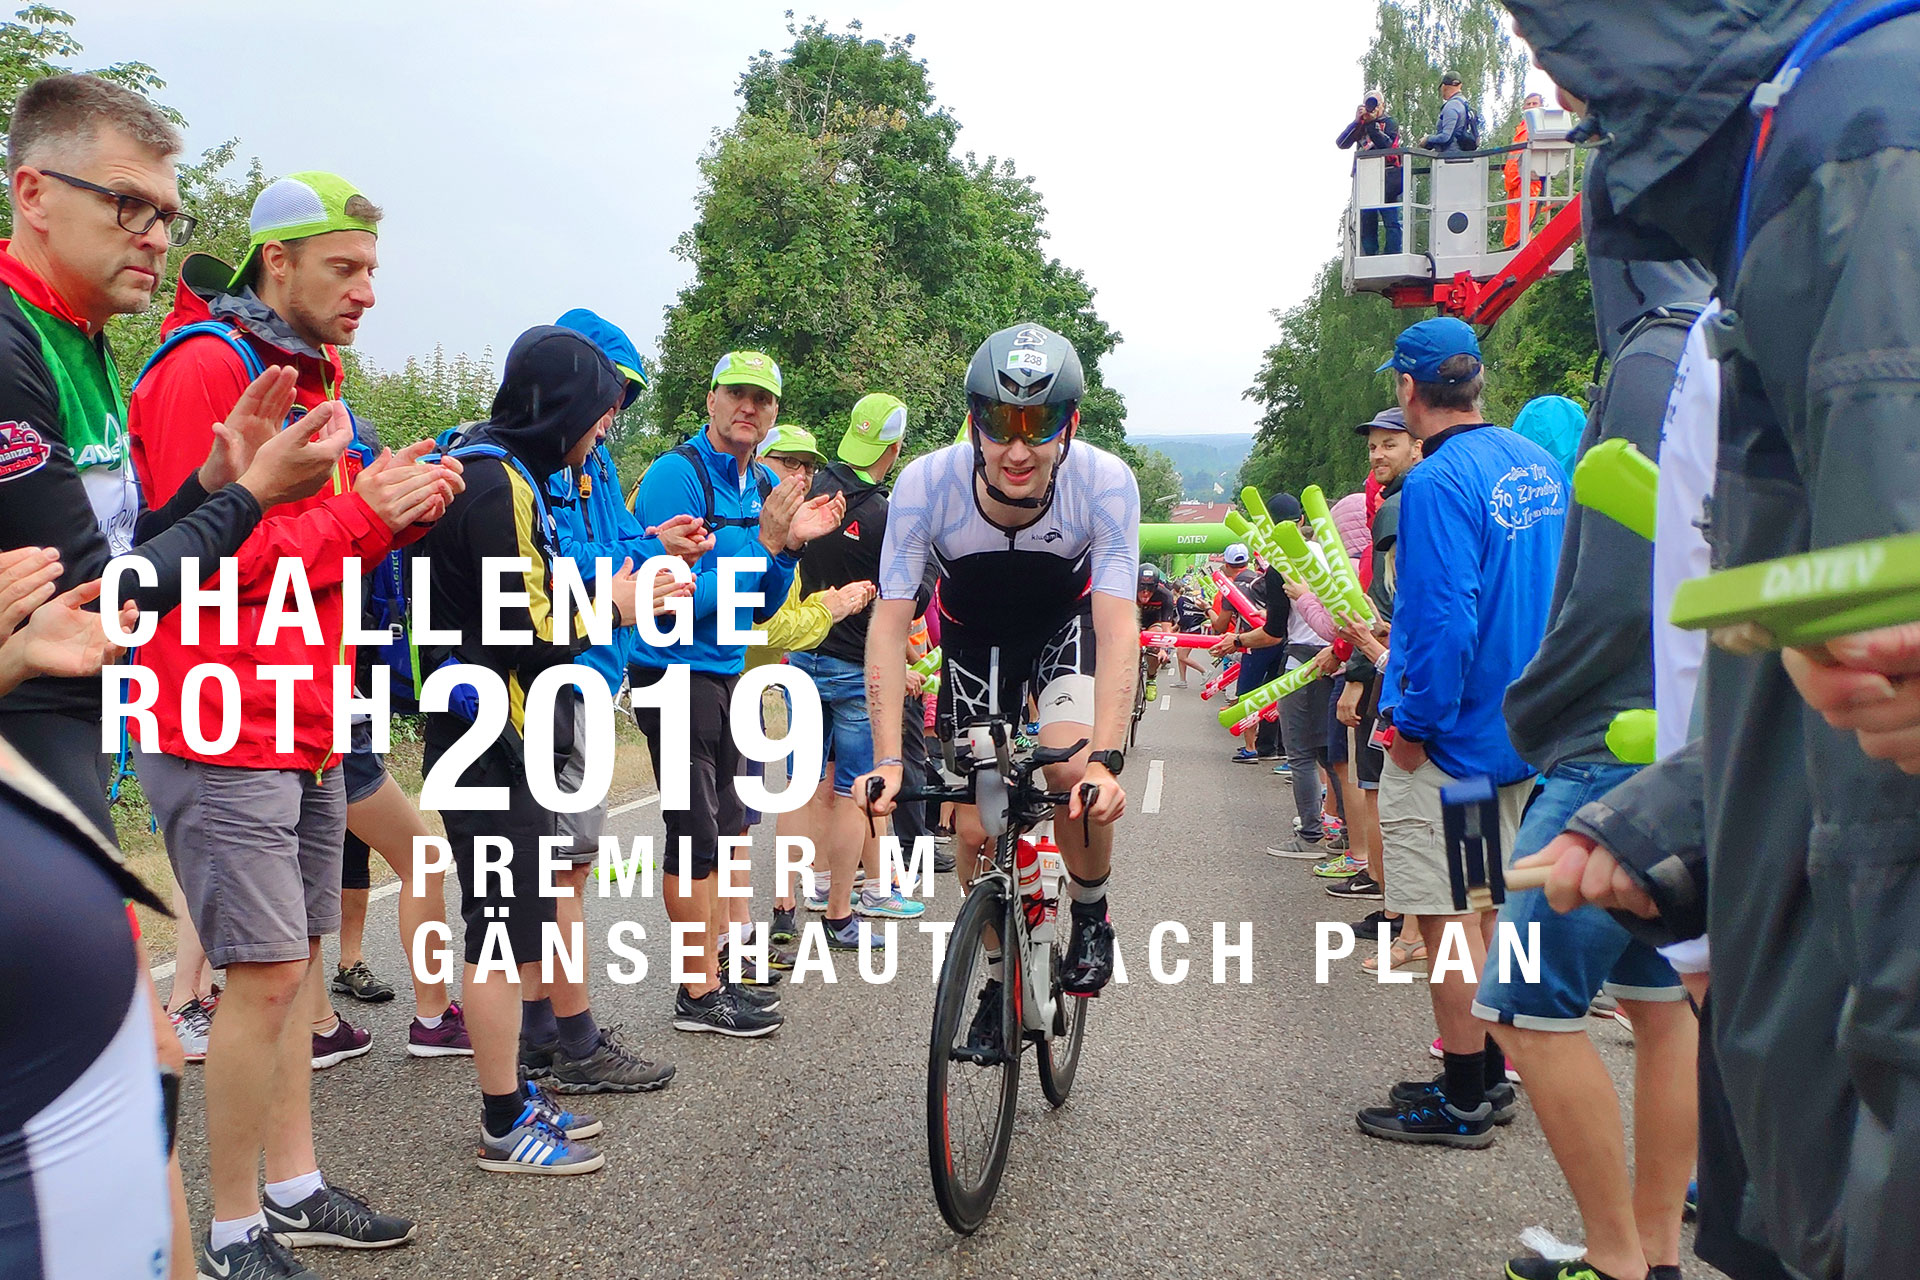 CHALLENGE ROTH 2019 PREMIER MIT GÄNSEHAUT NACH PLAN @ Jarit Lötz